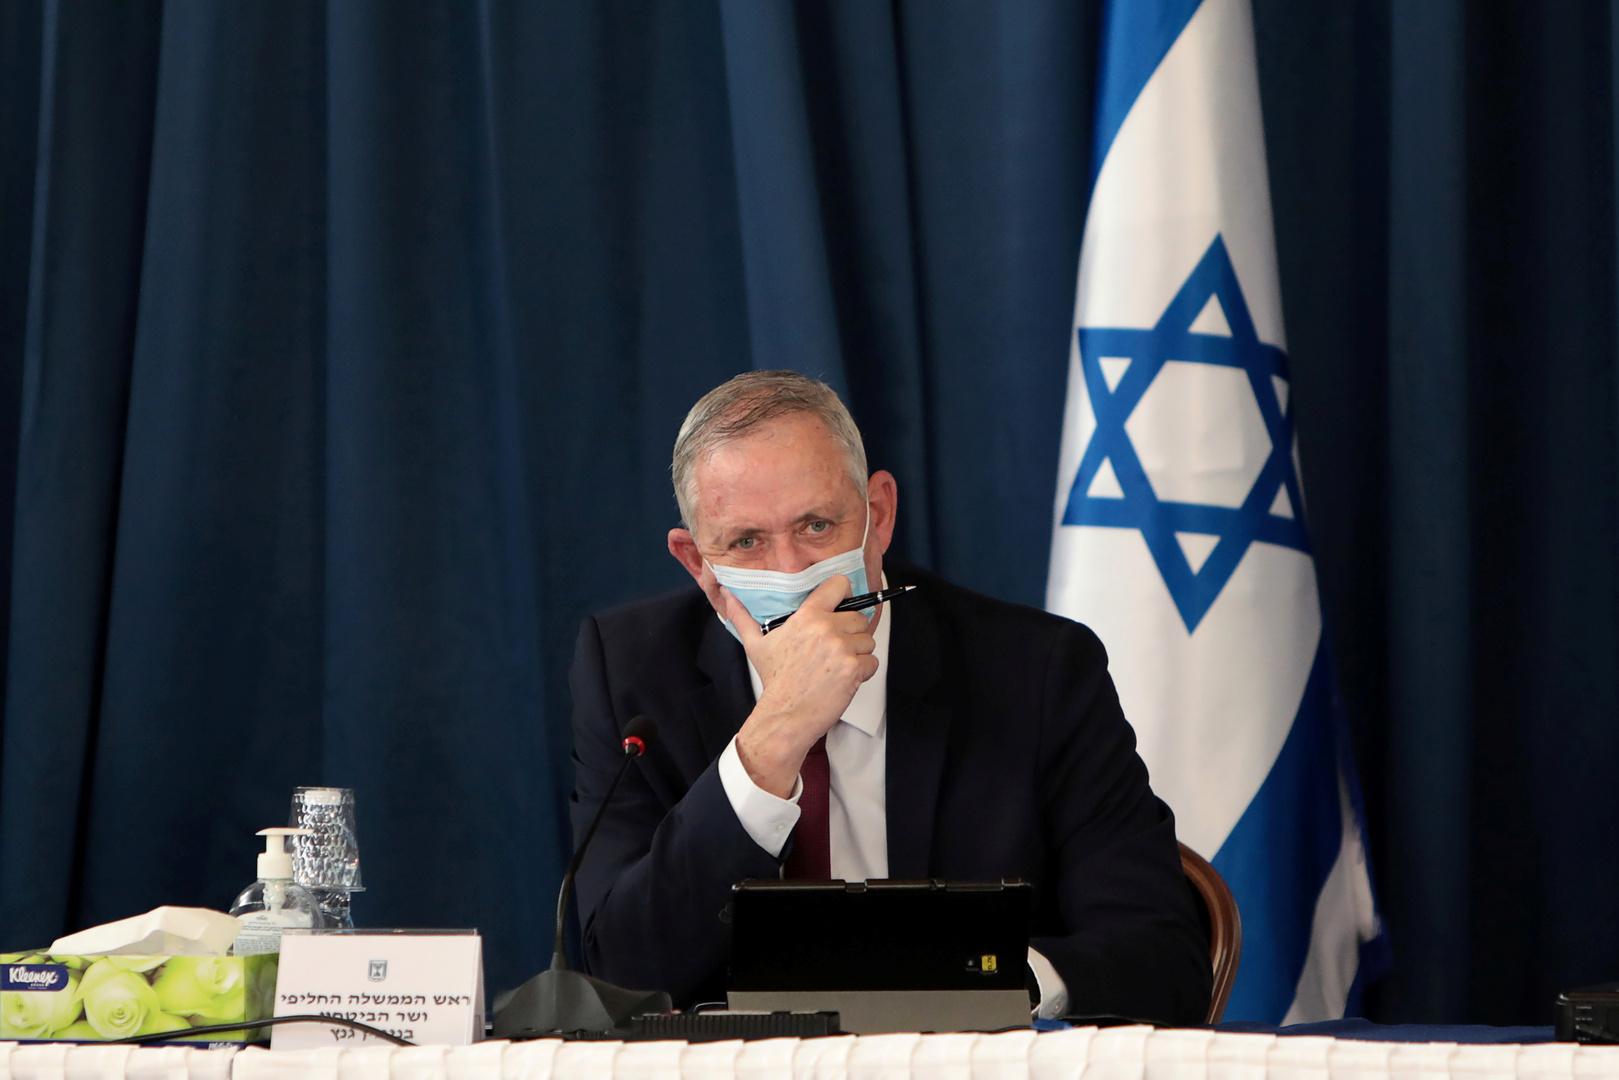 قاب قوسين من إغلاق جديد.. إسرائيل تعيد فرض قيود صارمة لردع كورونا